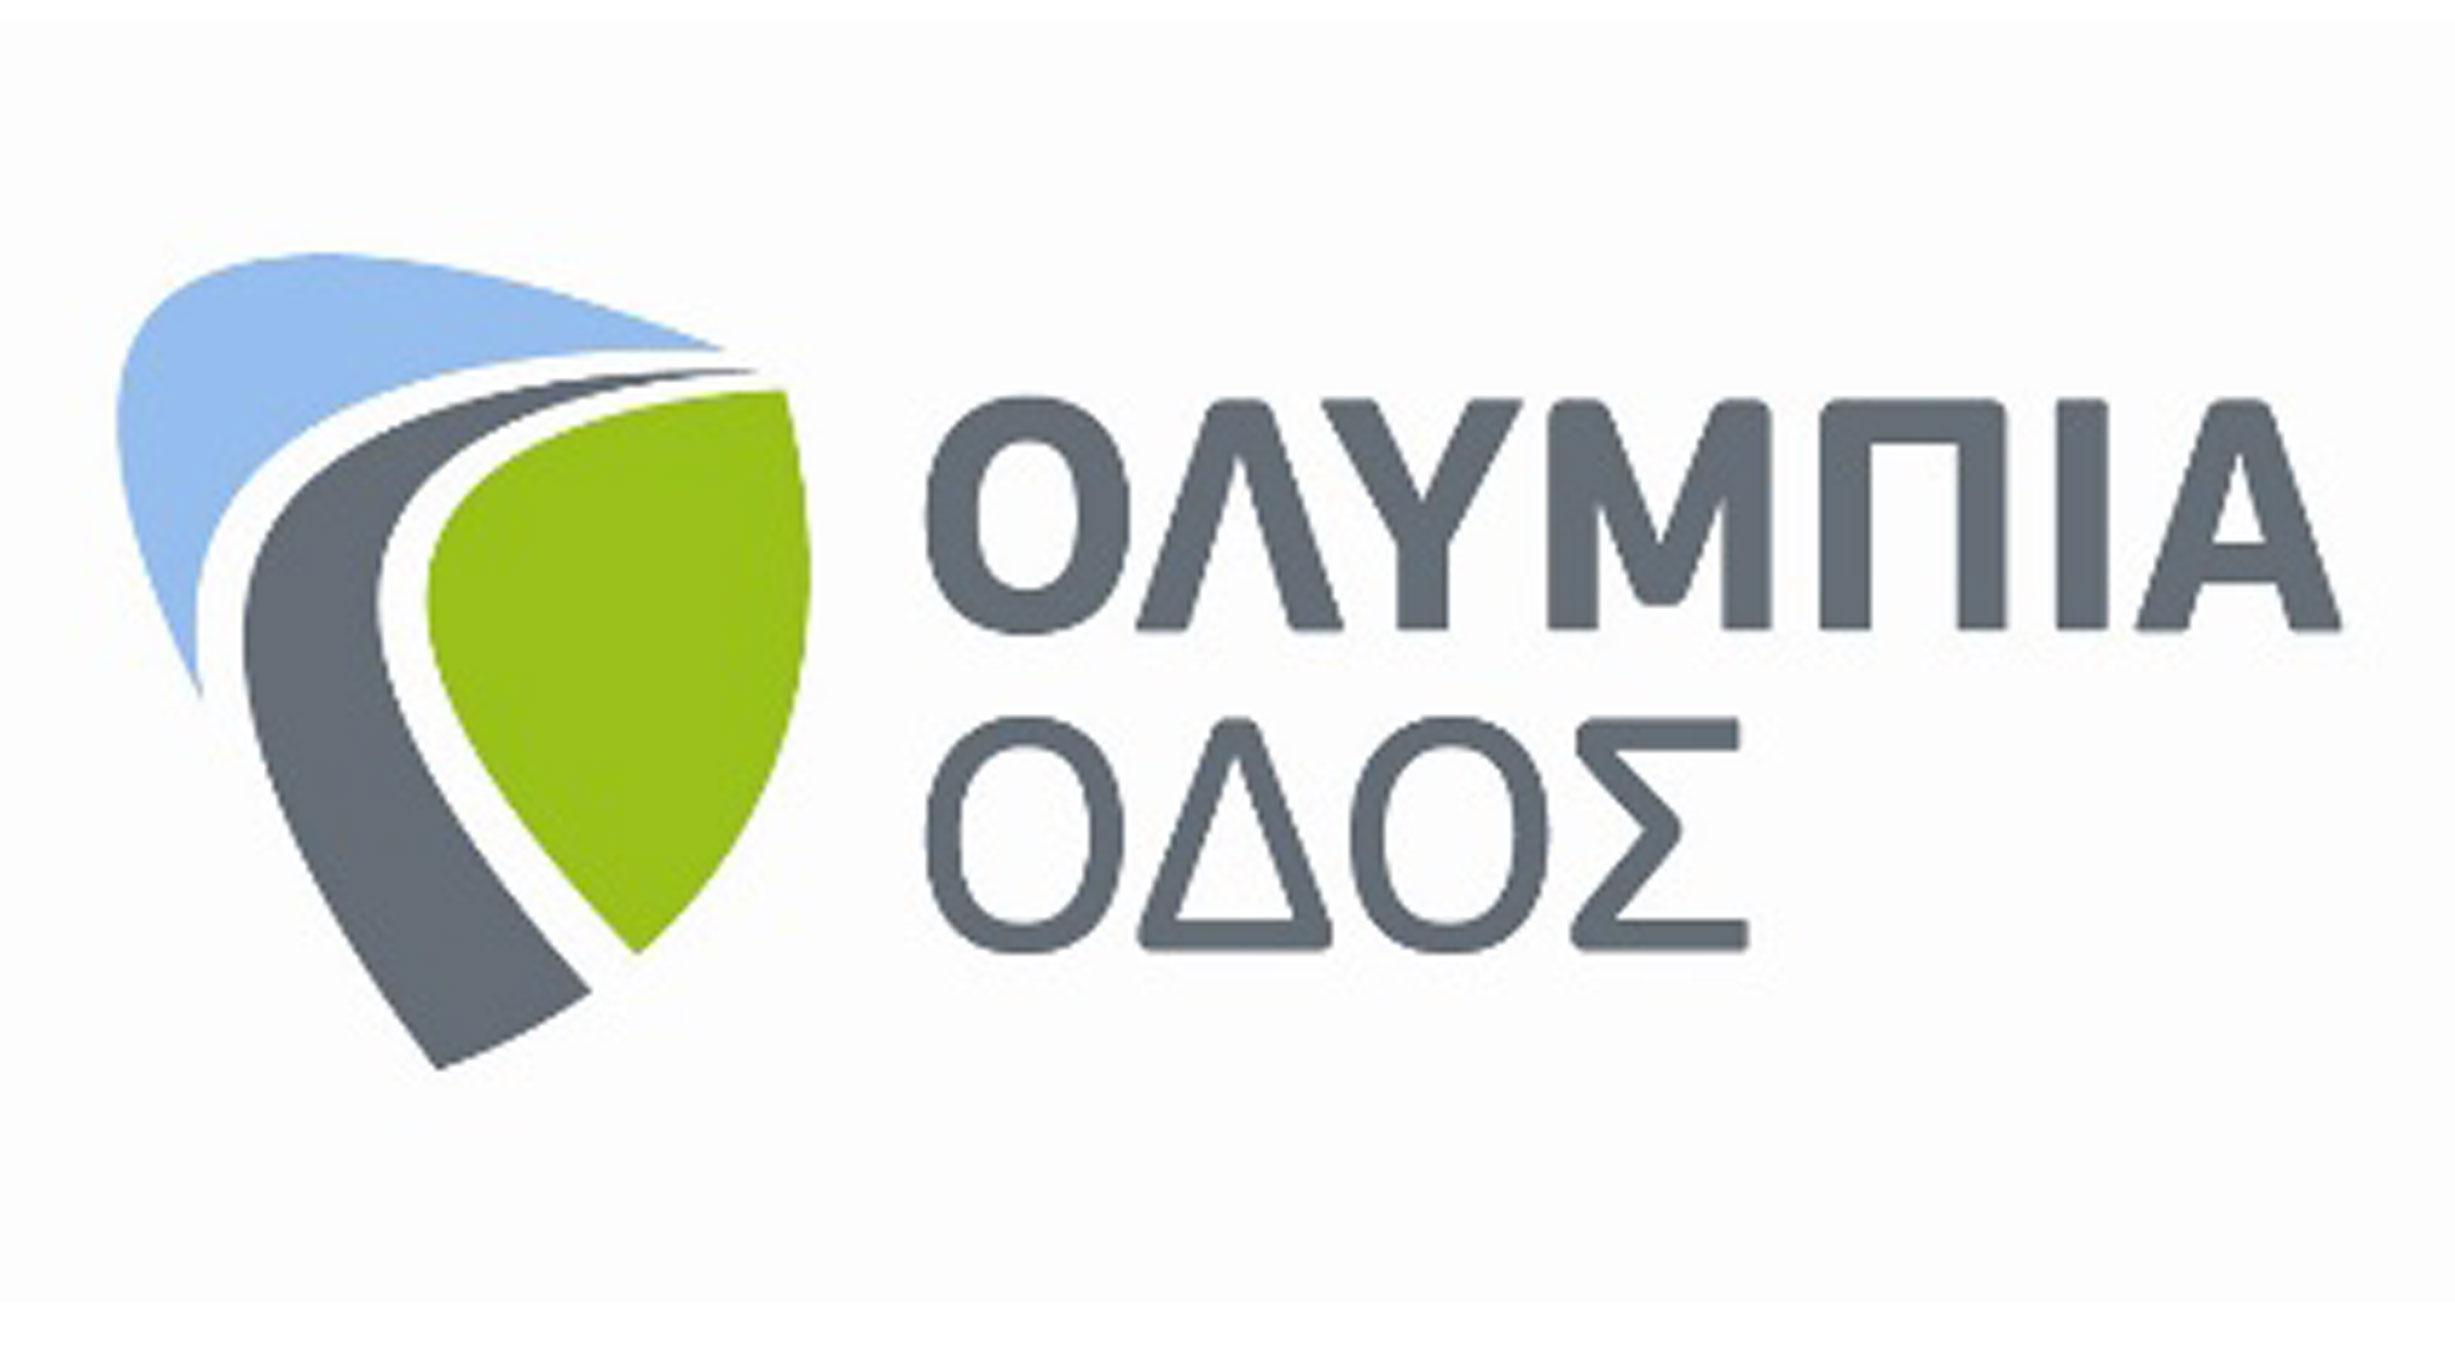 Διάκριση για την Ολυμπία Οδό με το CRI Pass